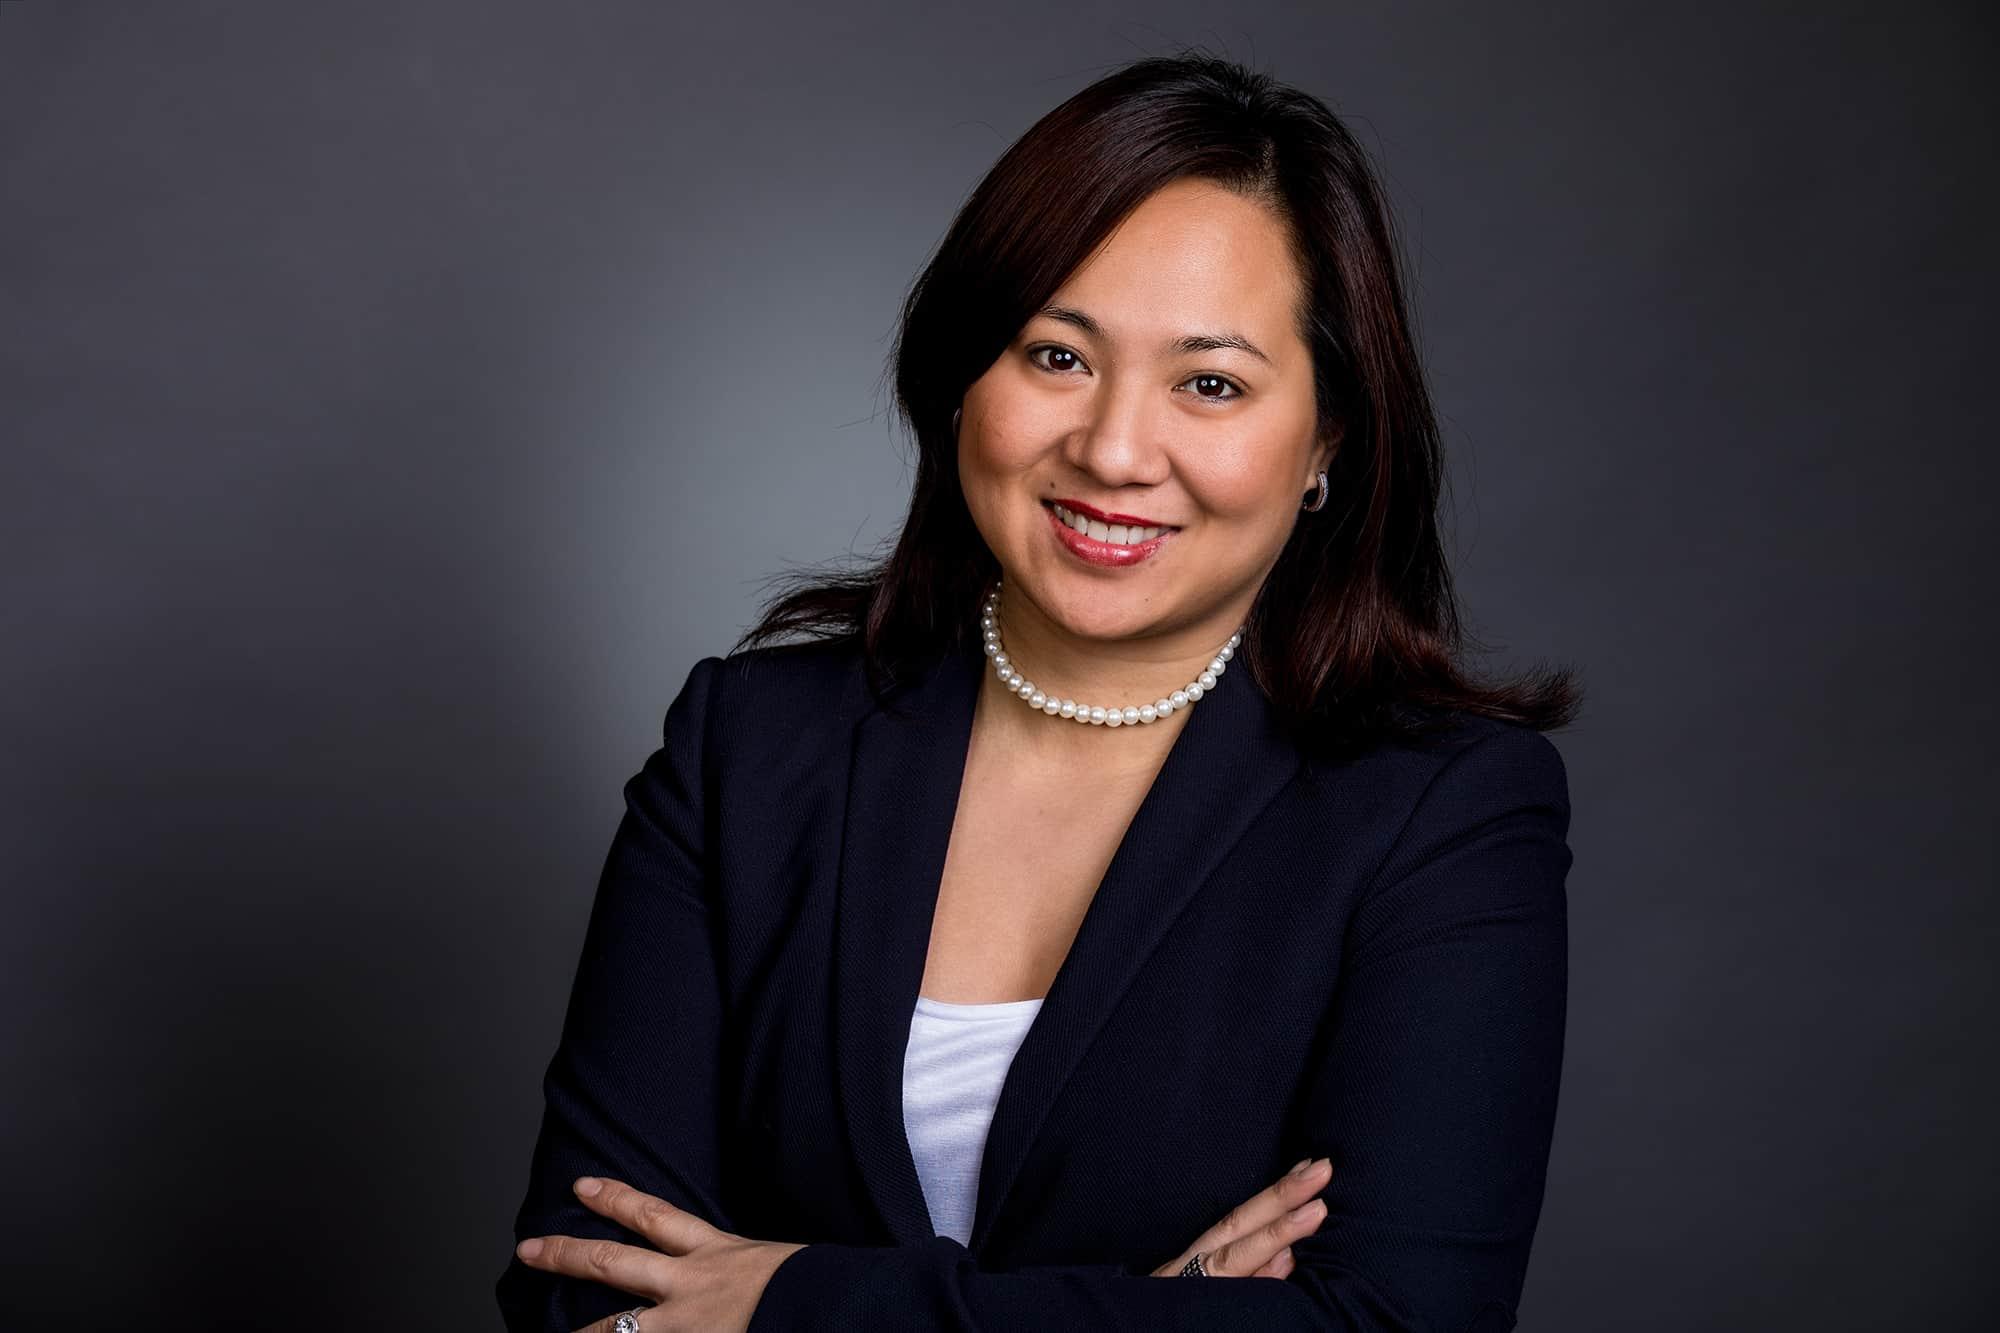 Portrait einer Frau im Business-Outfit